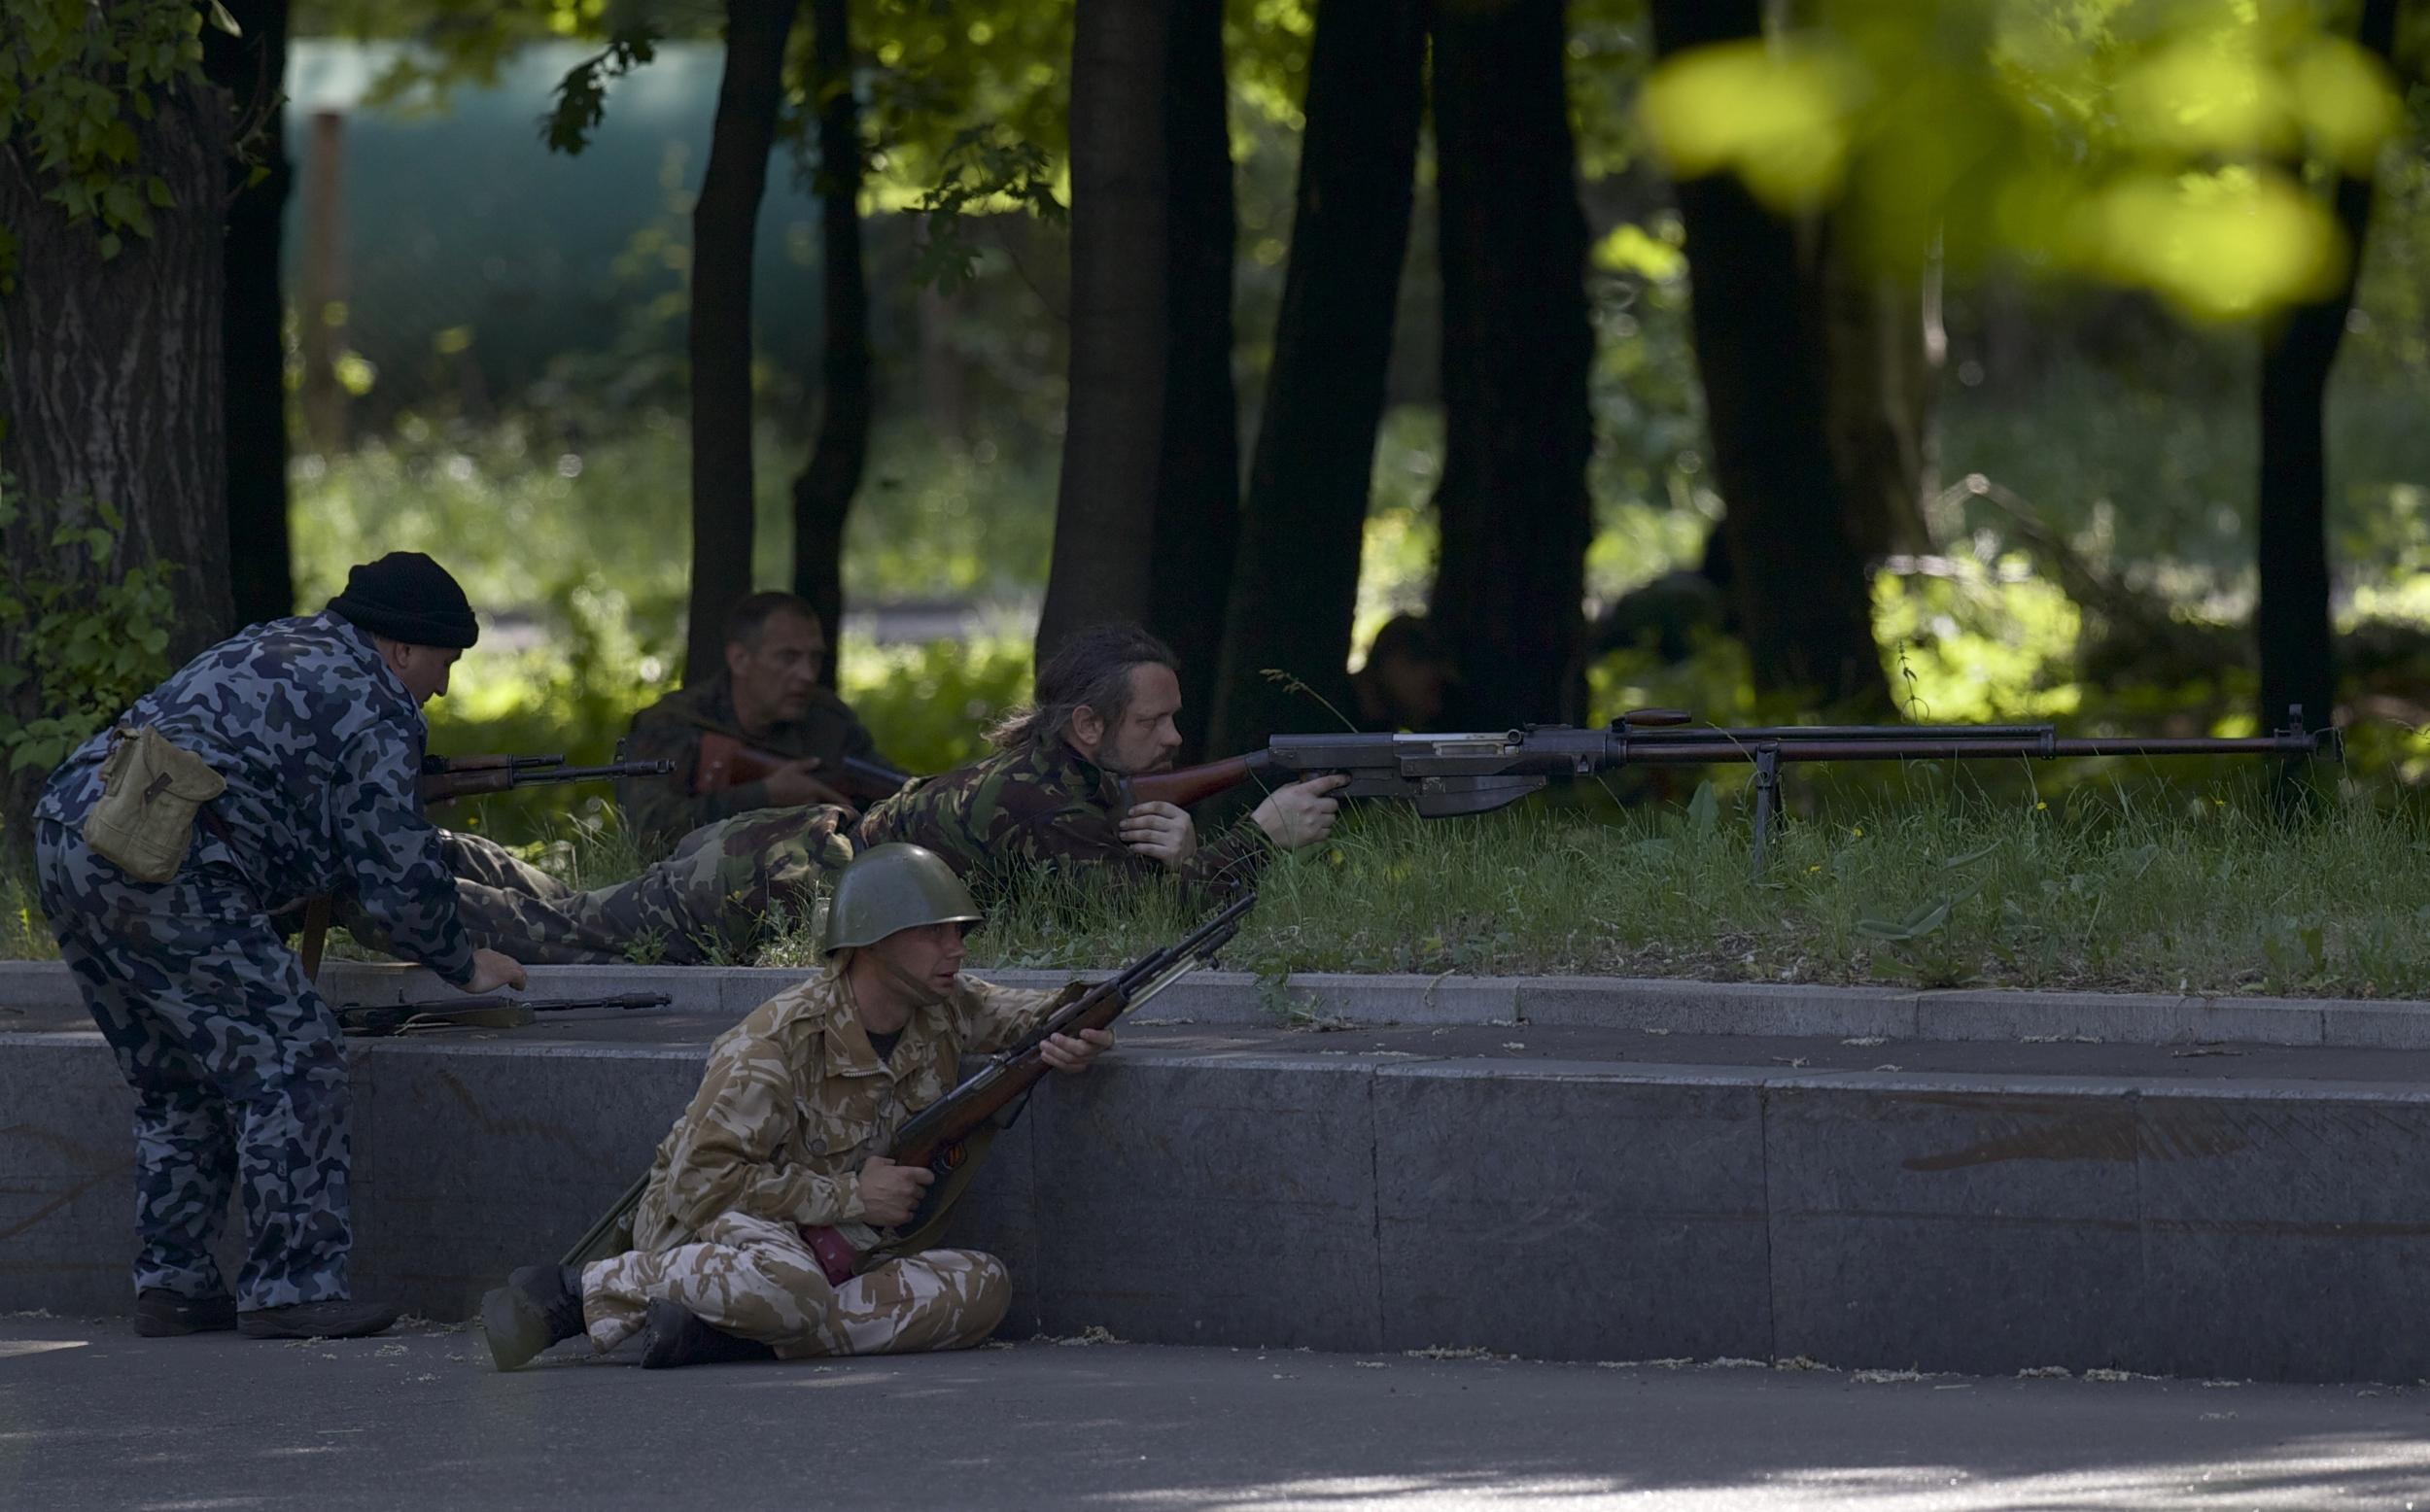 Россия очень медленно отводит свои войска от границ Украины, - Госдеп США - Цензор.НЕТ 6555